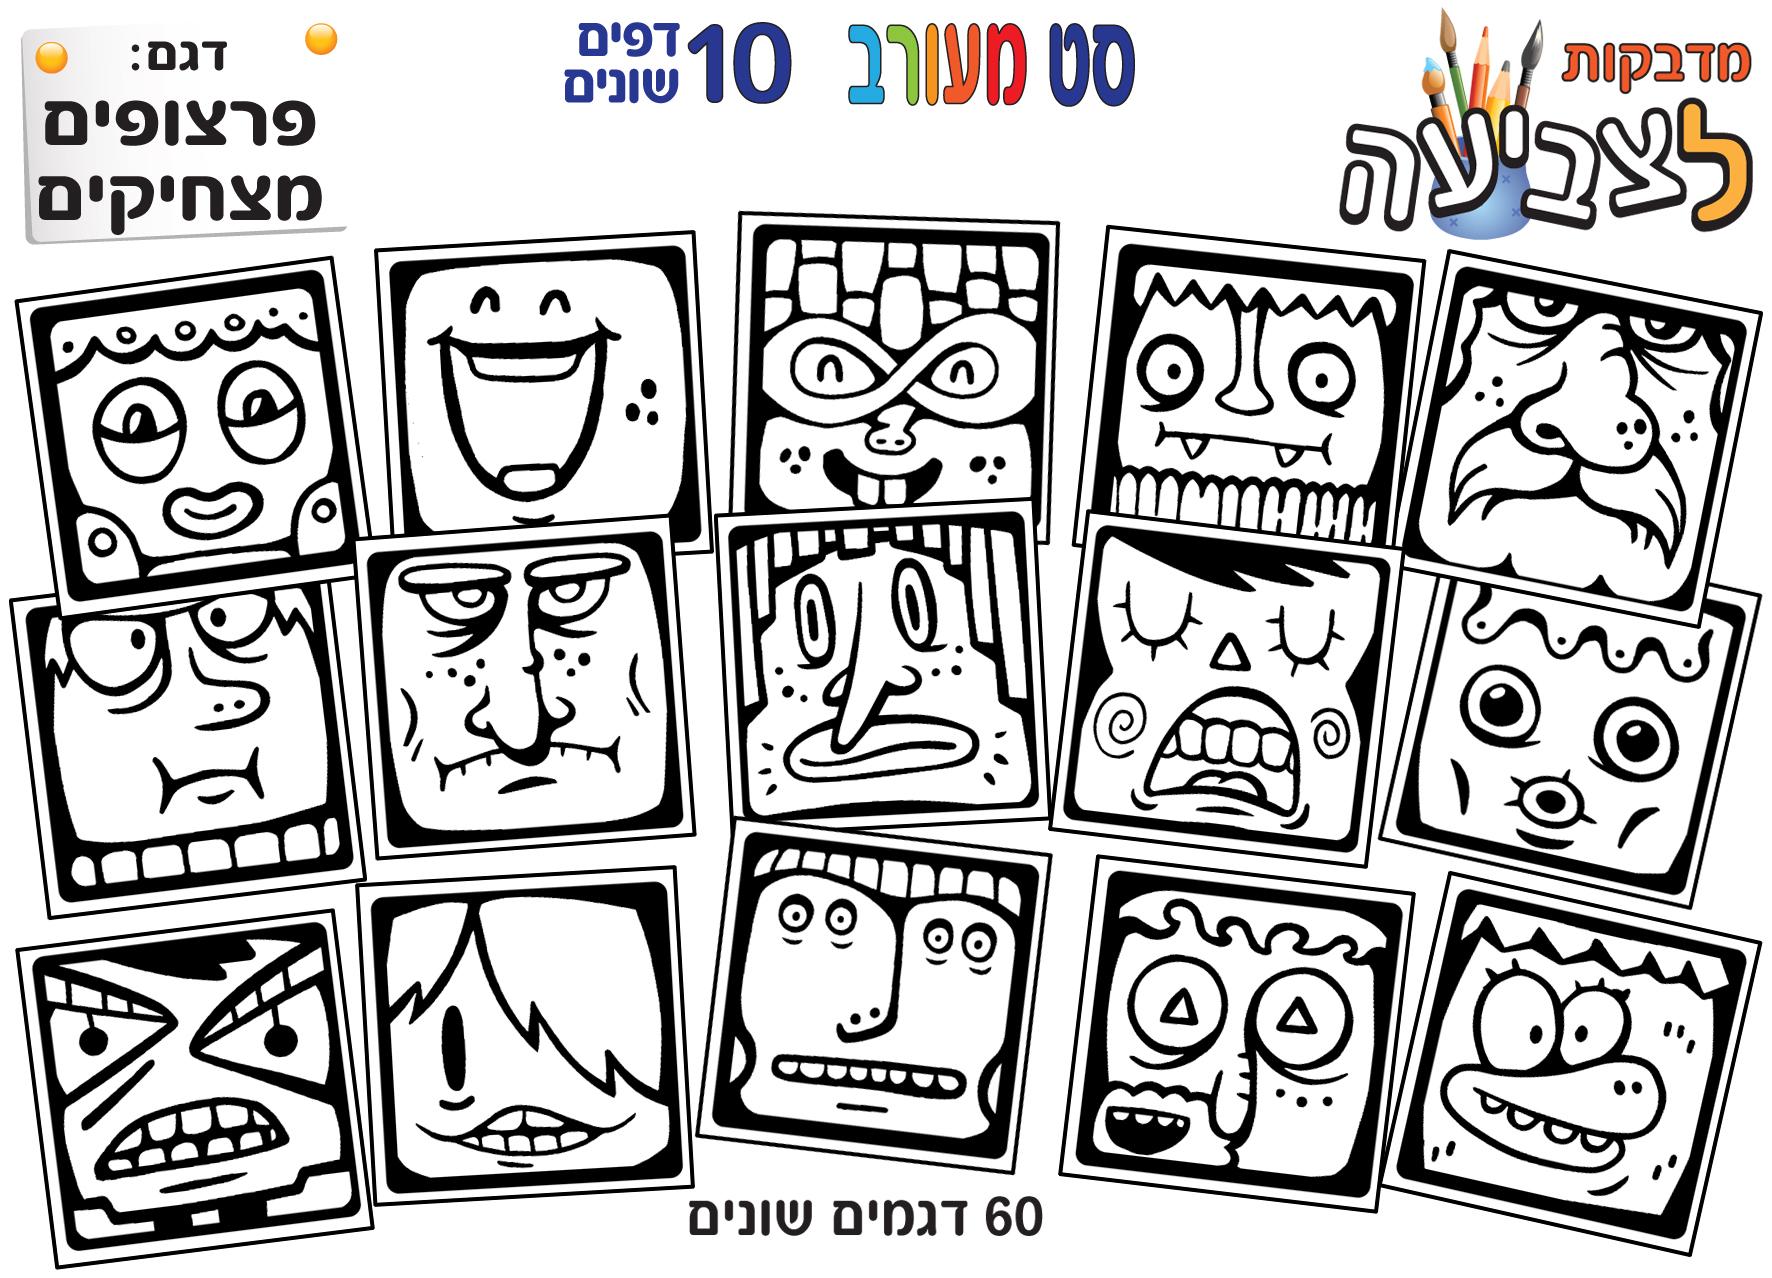 פרצופים מצחיקים-לצביעה